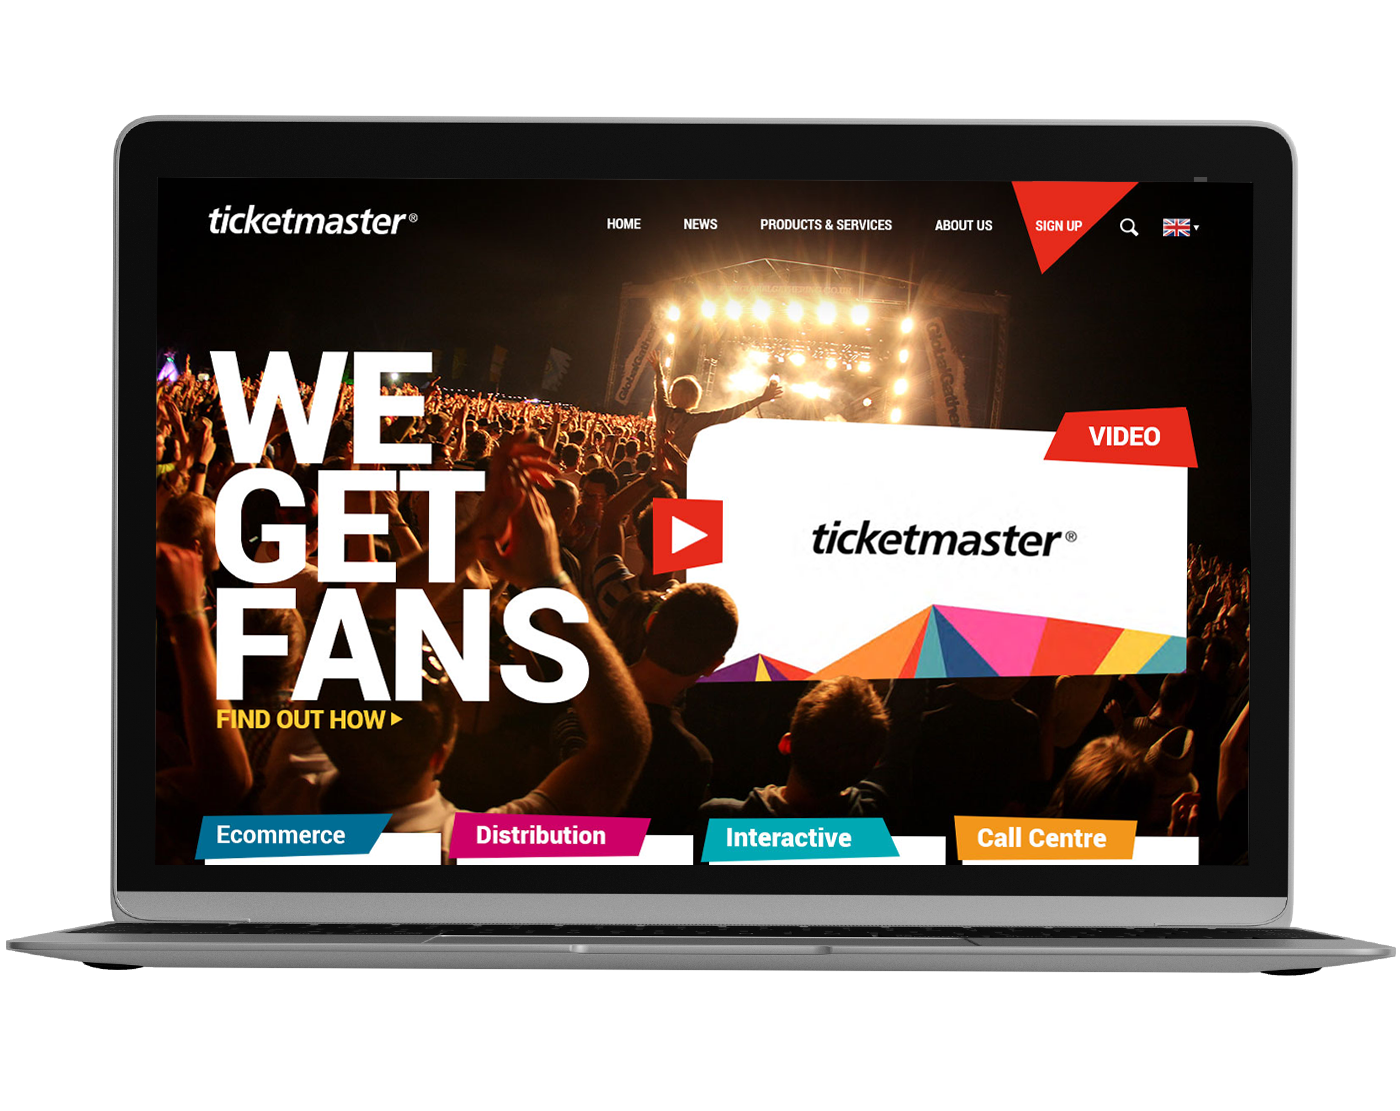 Ticketmaster header in Mac